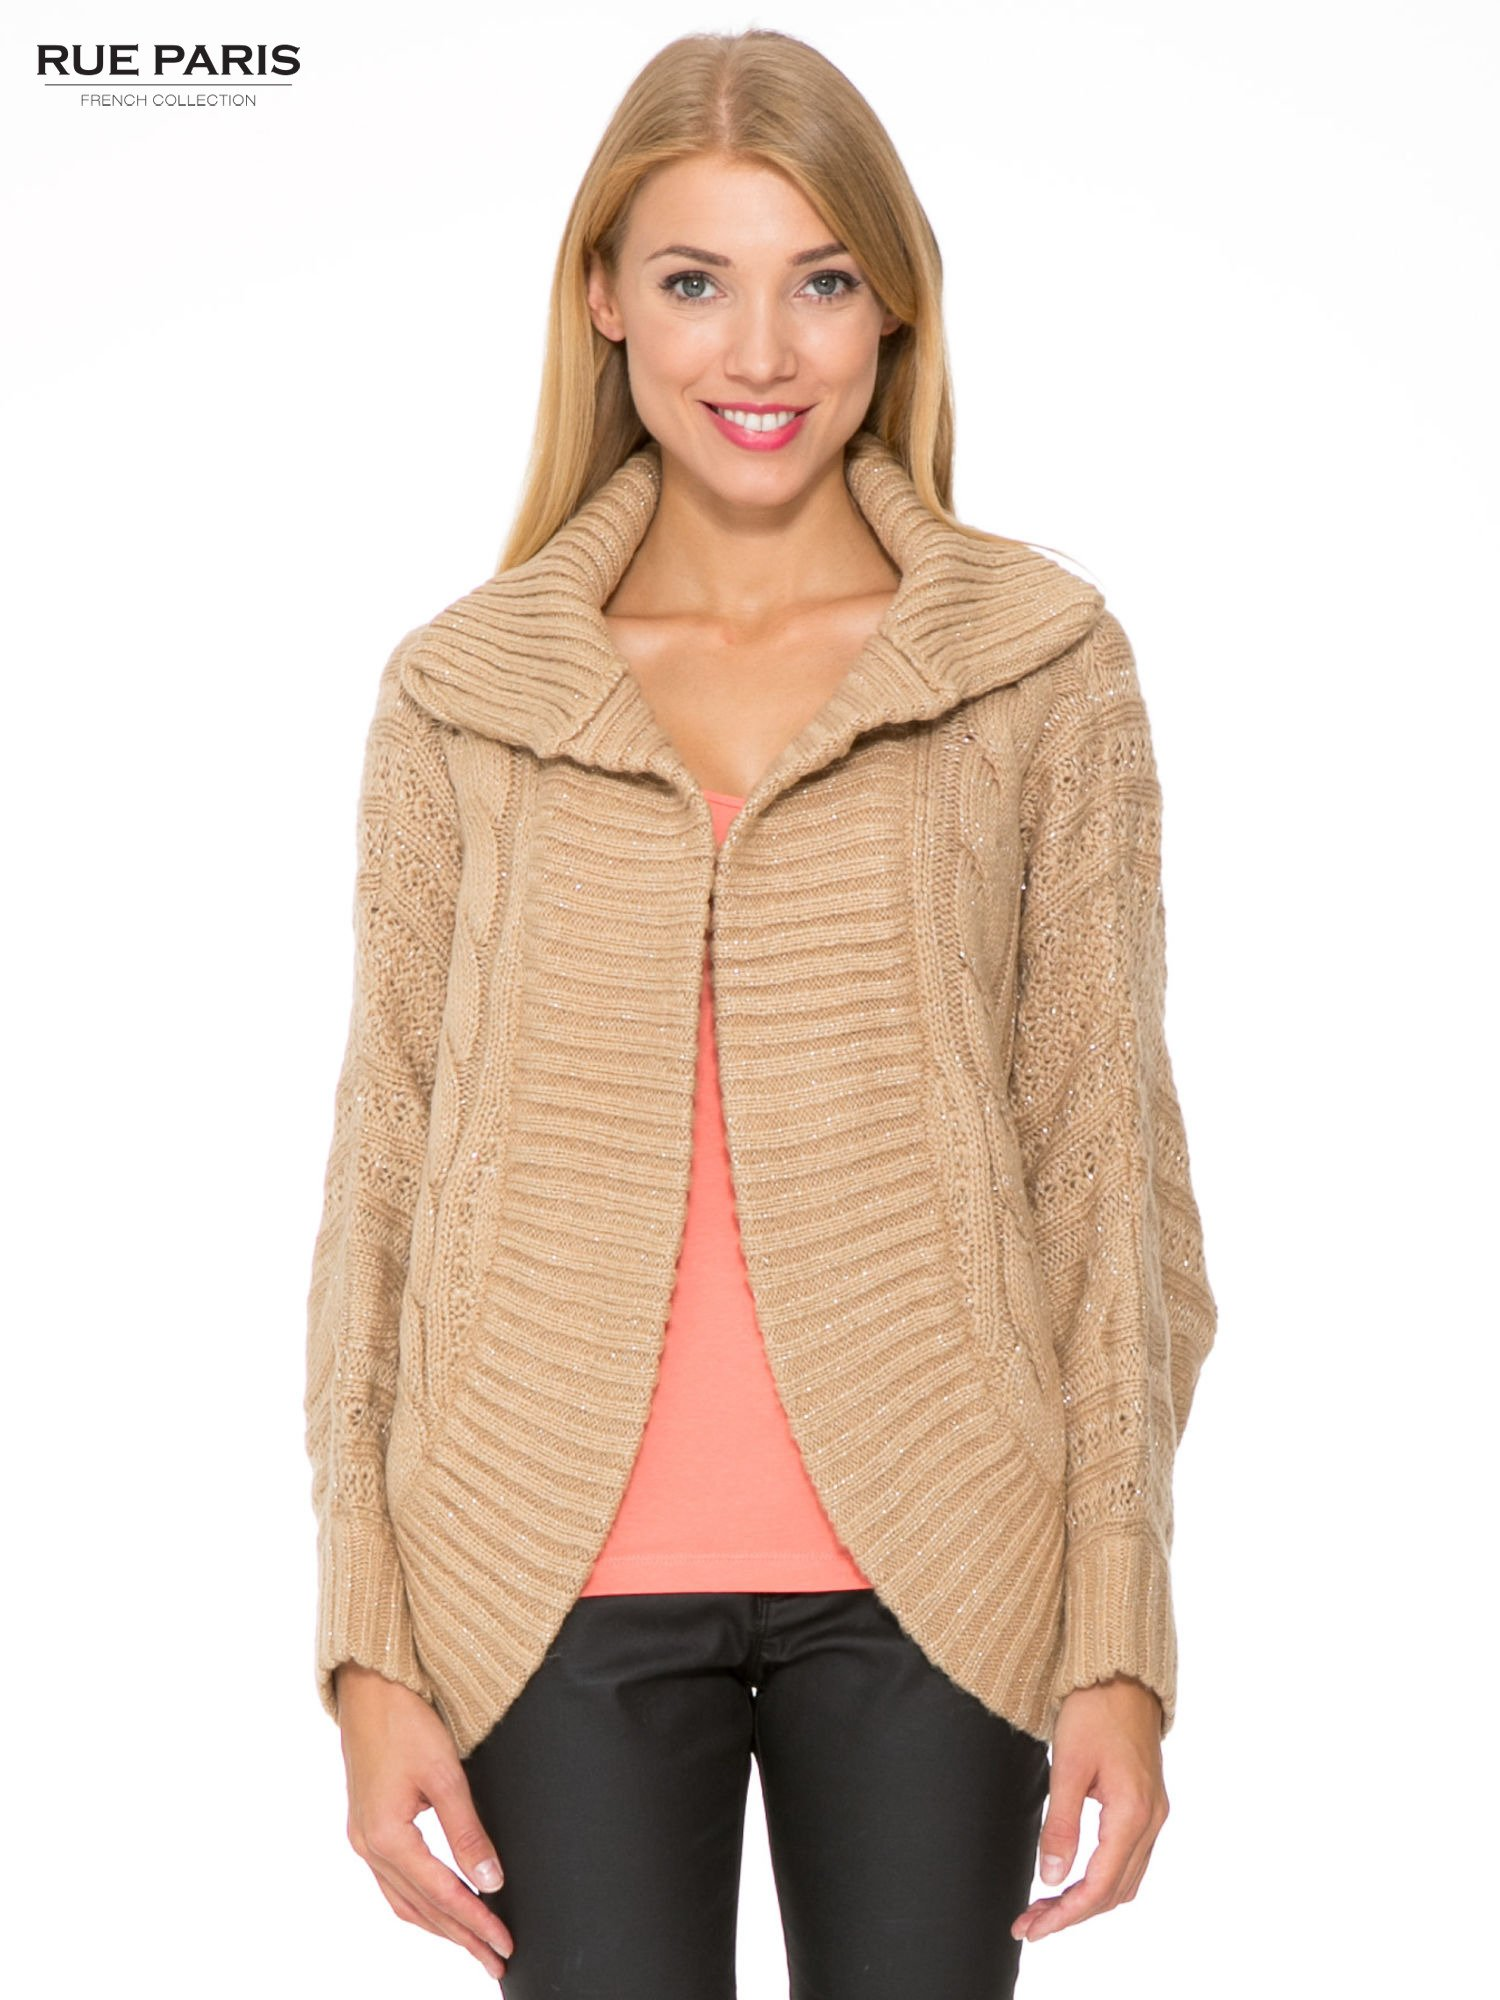 Beżowy dziergany sweter typu kardigan przeplatany błyszczącą nicią                                  zdj.                                  1